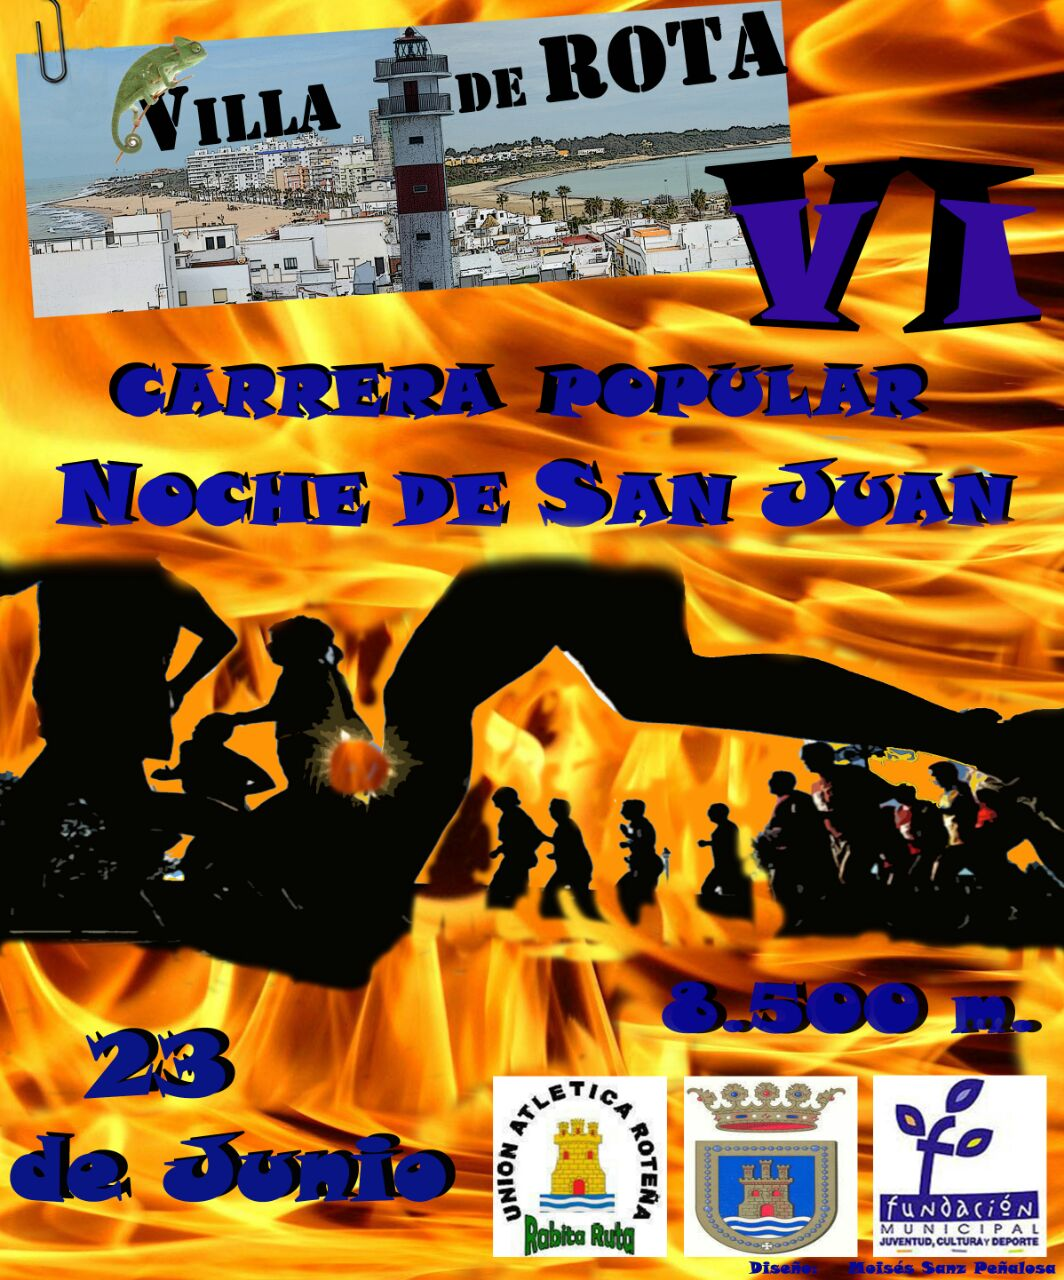 Carrera VI C.P. Noche de San Juan Villa de Rota